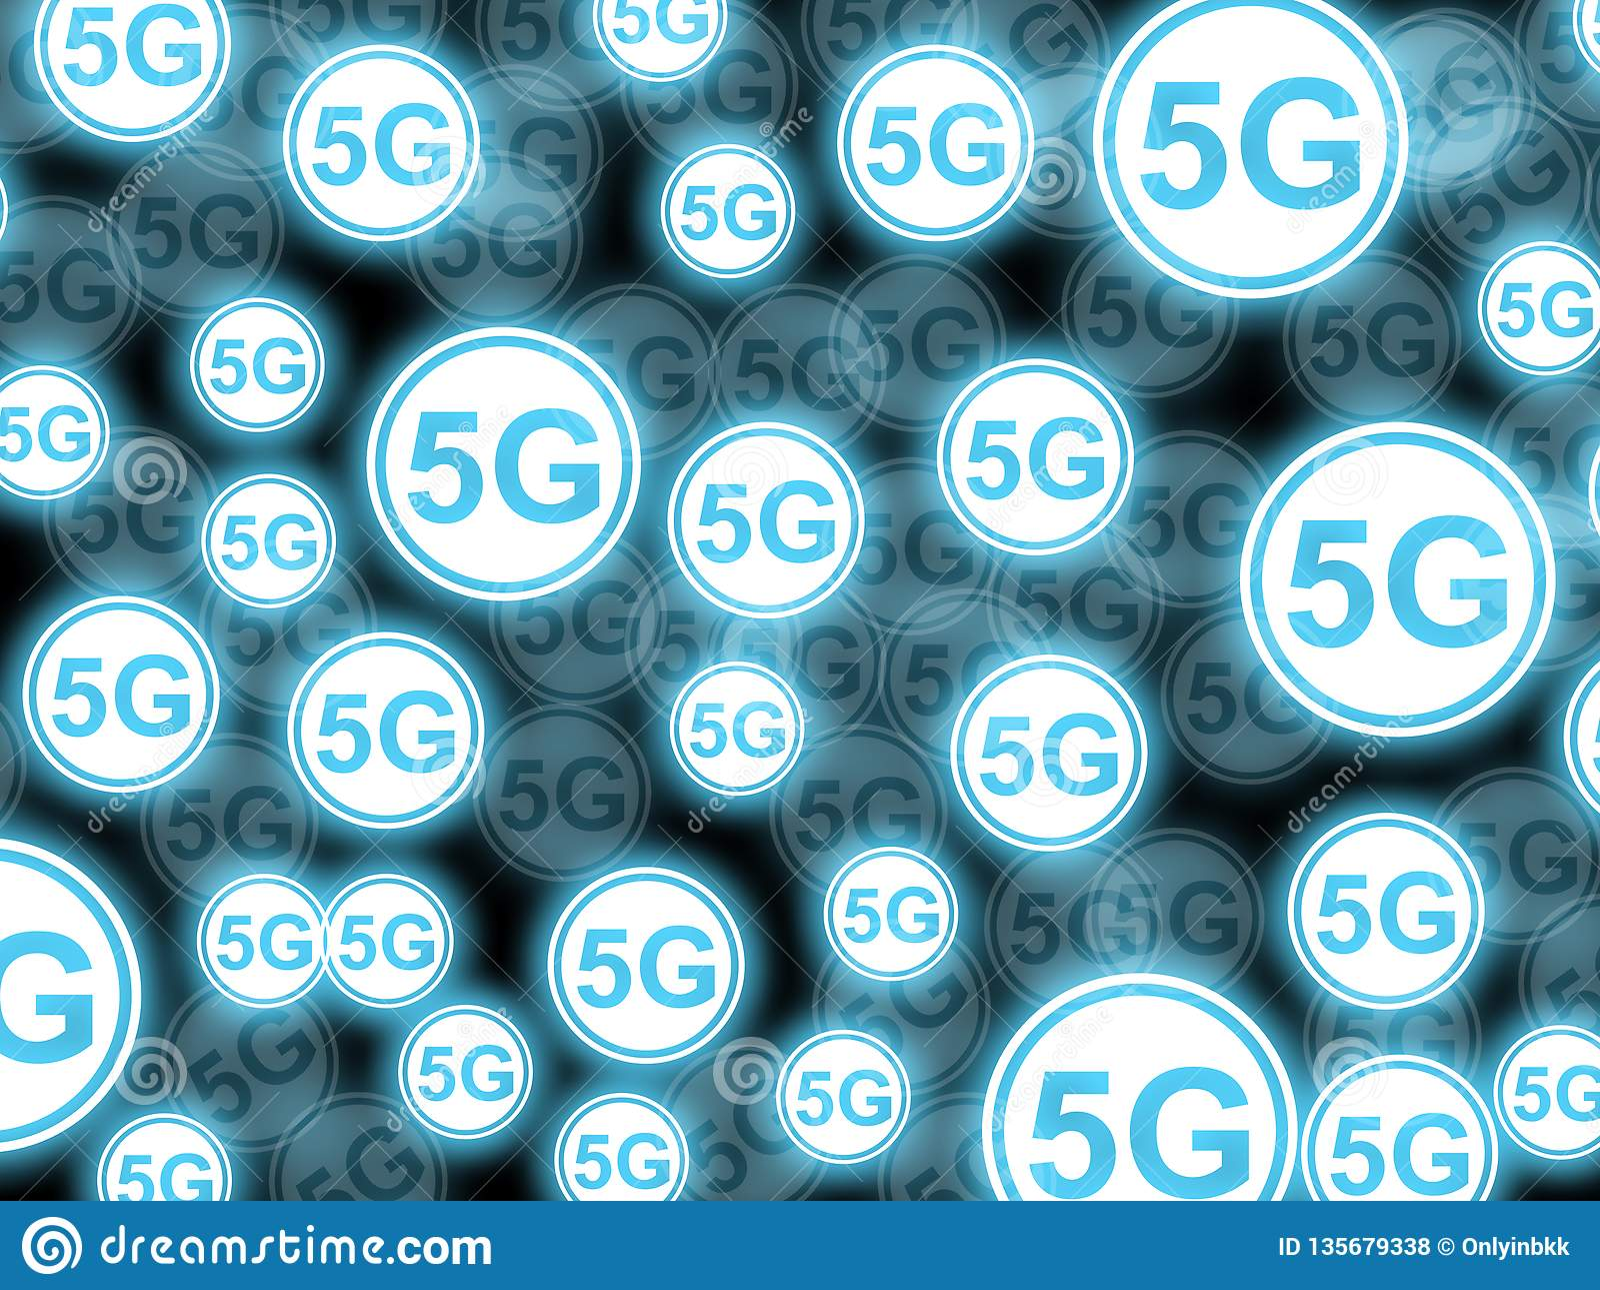 Illustrations-Mehrfachbelichtungshintergrund der Ikonen 5G